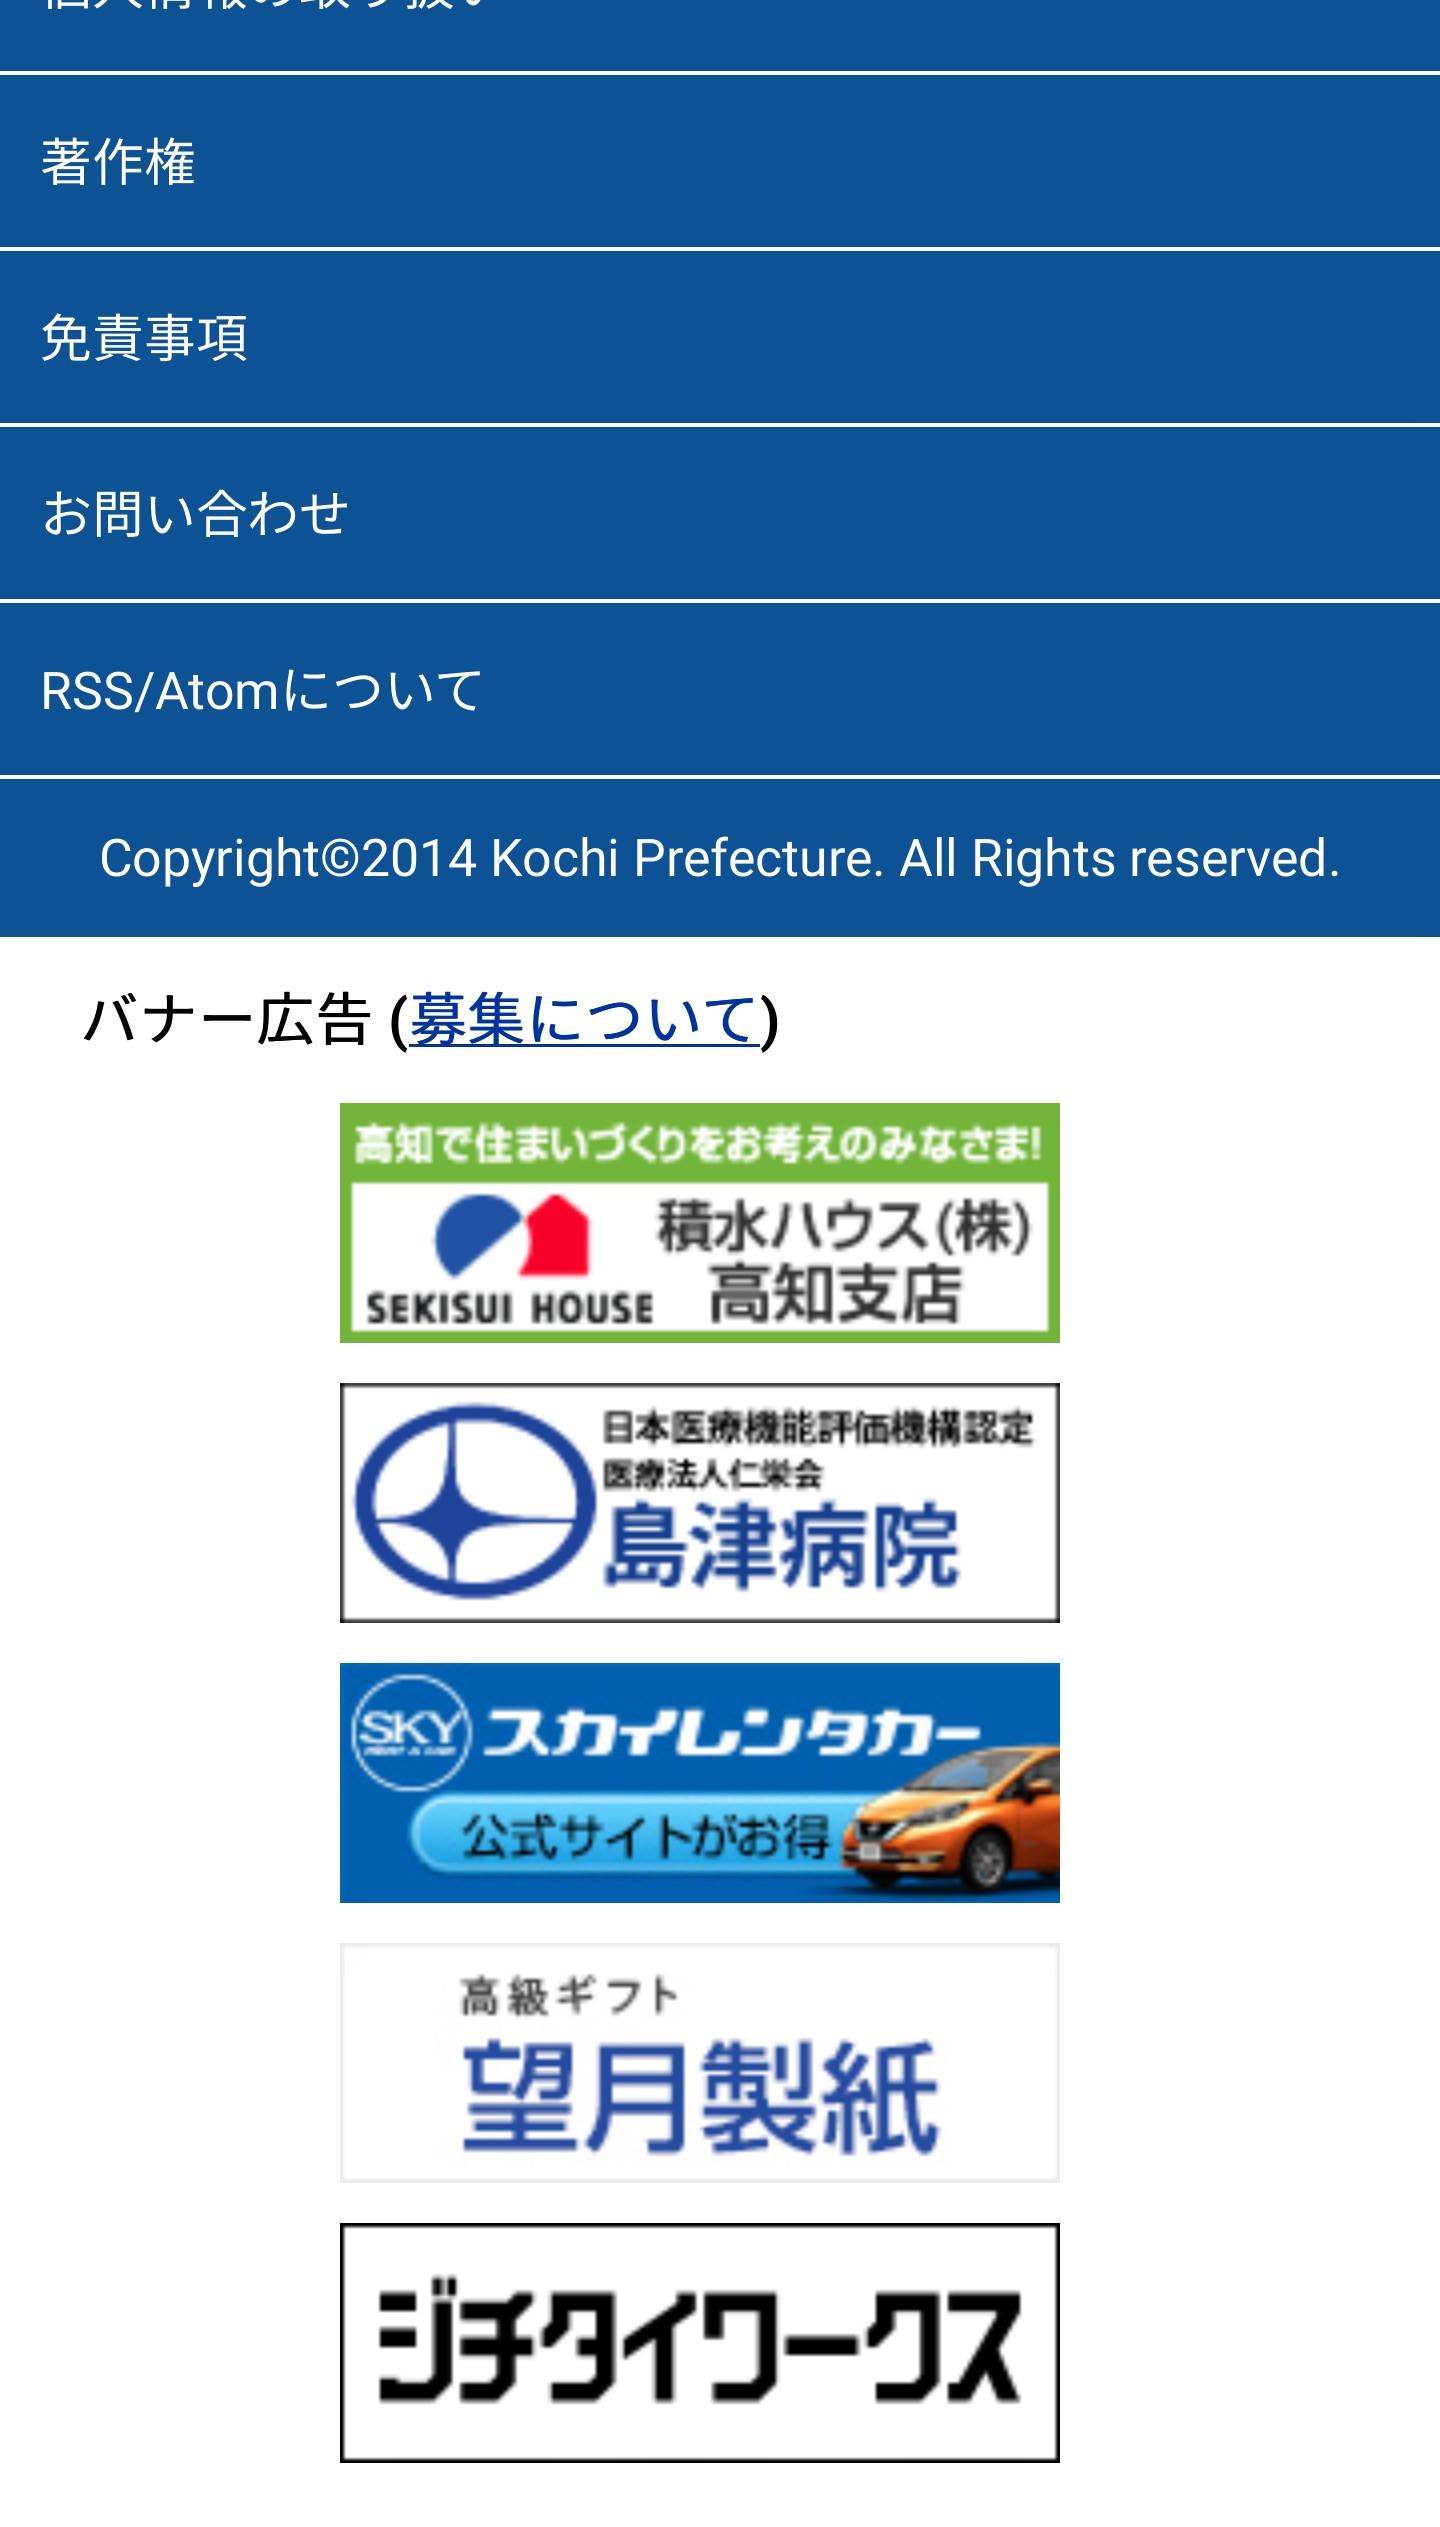 gsaIzqt - 【悲報】香川県さん、ゲーム規制条例で自演してた事がバレてしまい証拠隠滅し始める